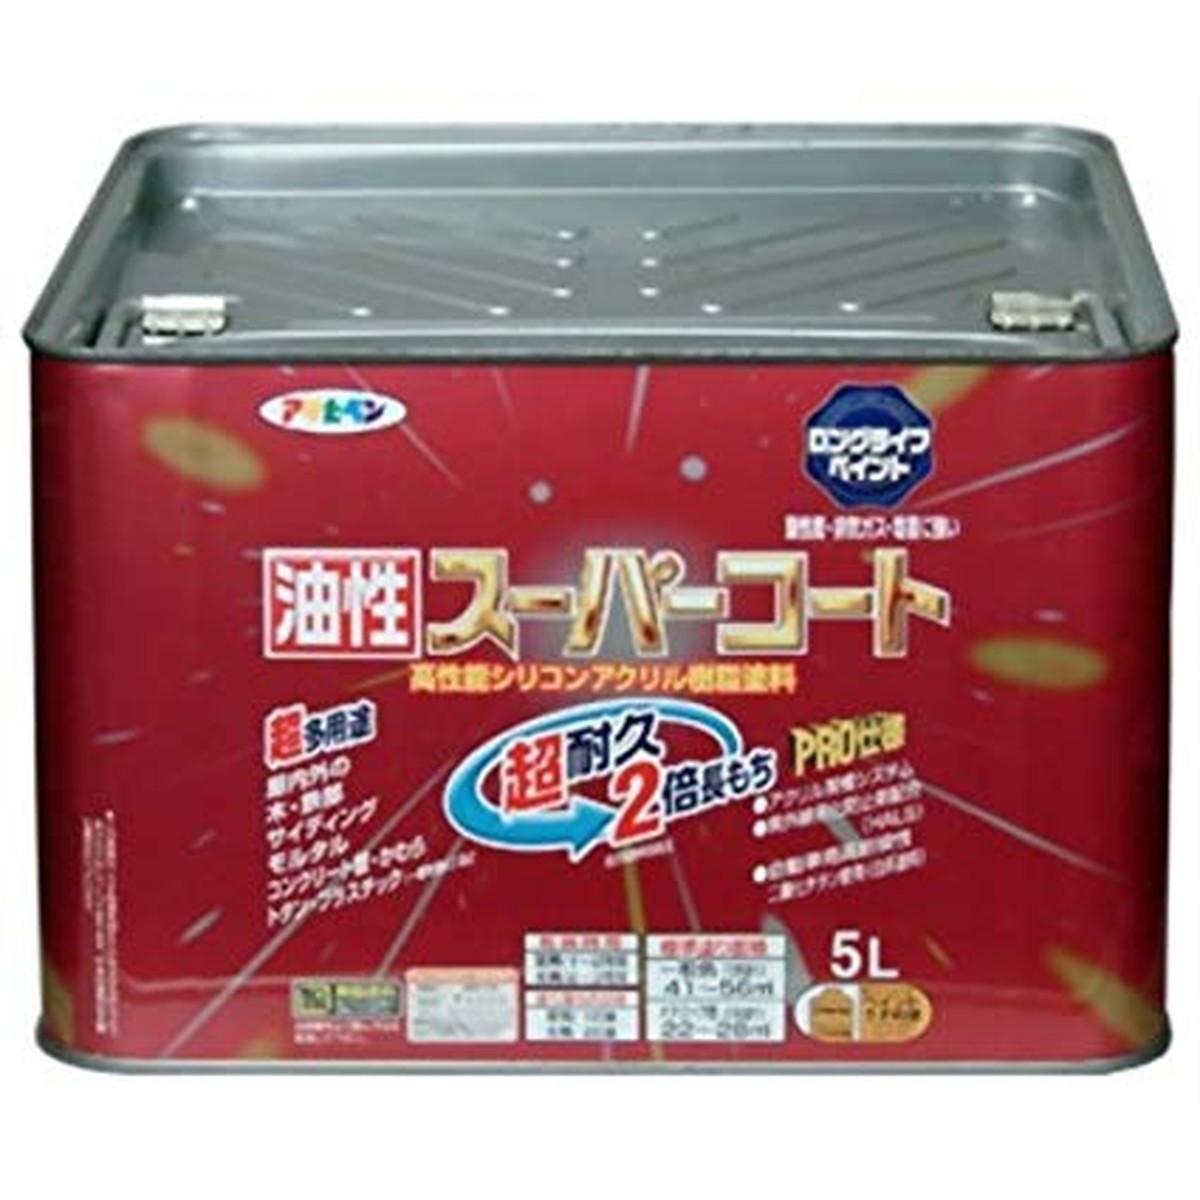 アサヒペン 油性スーパーコート 5L シトラスイエロー【クーポン配布中】